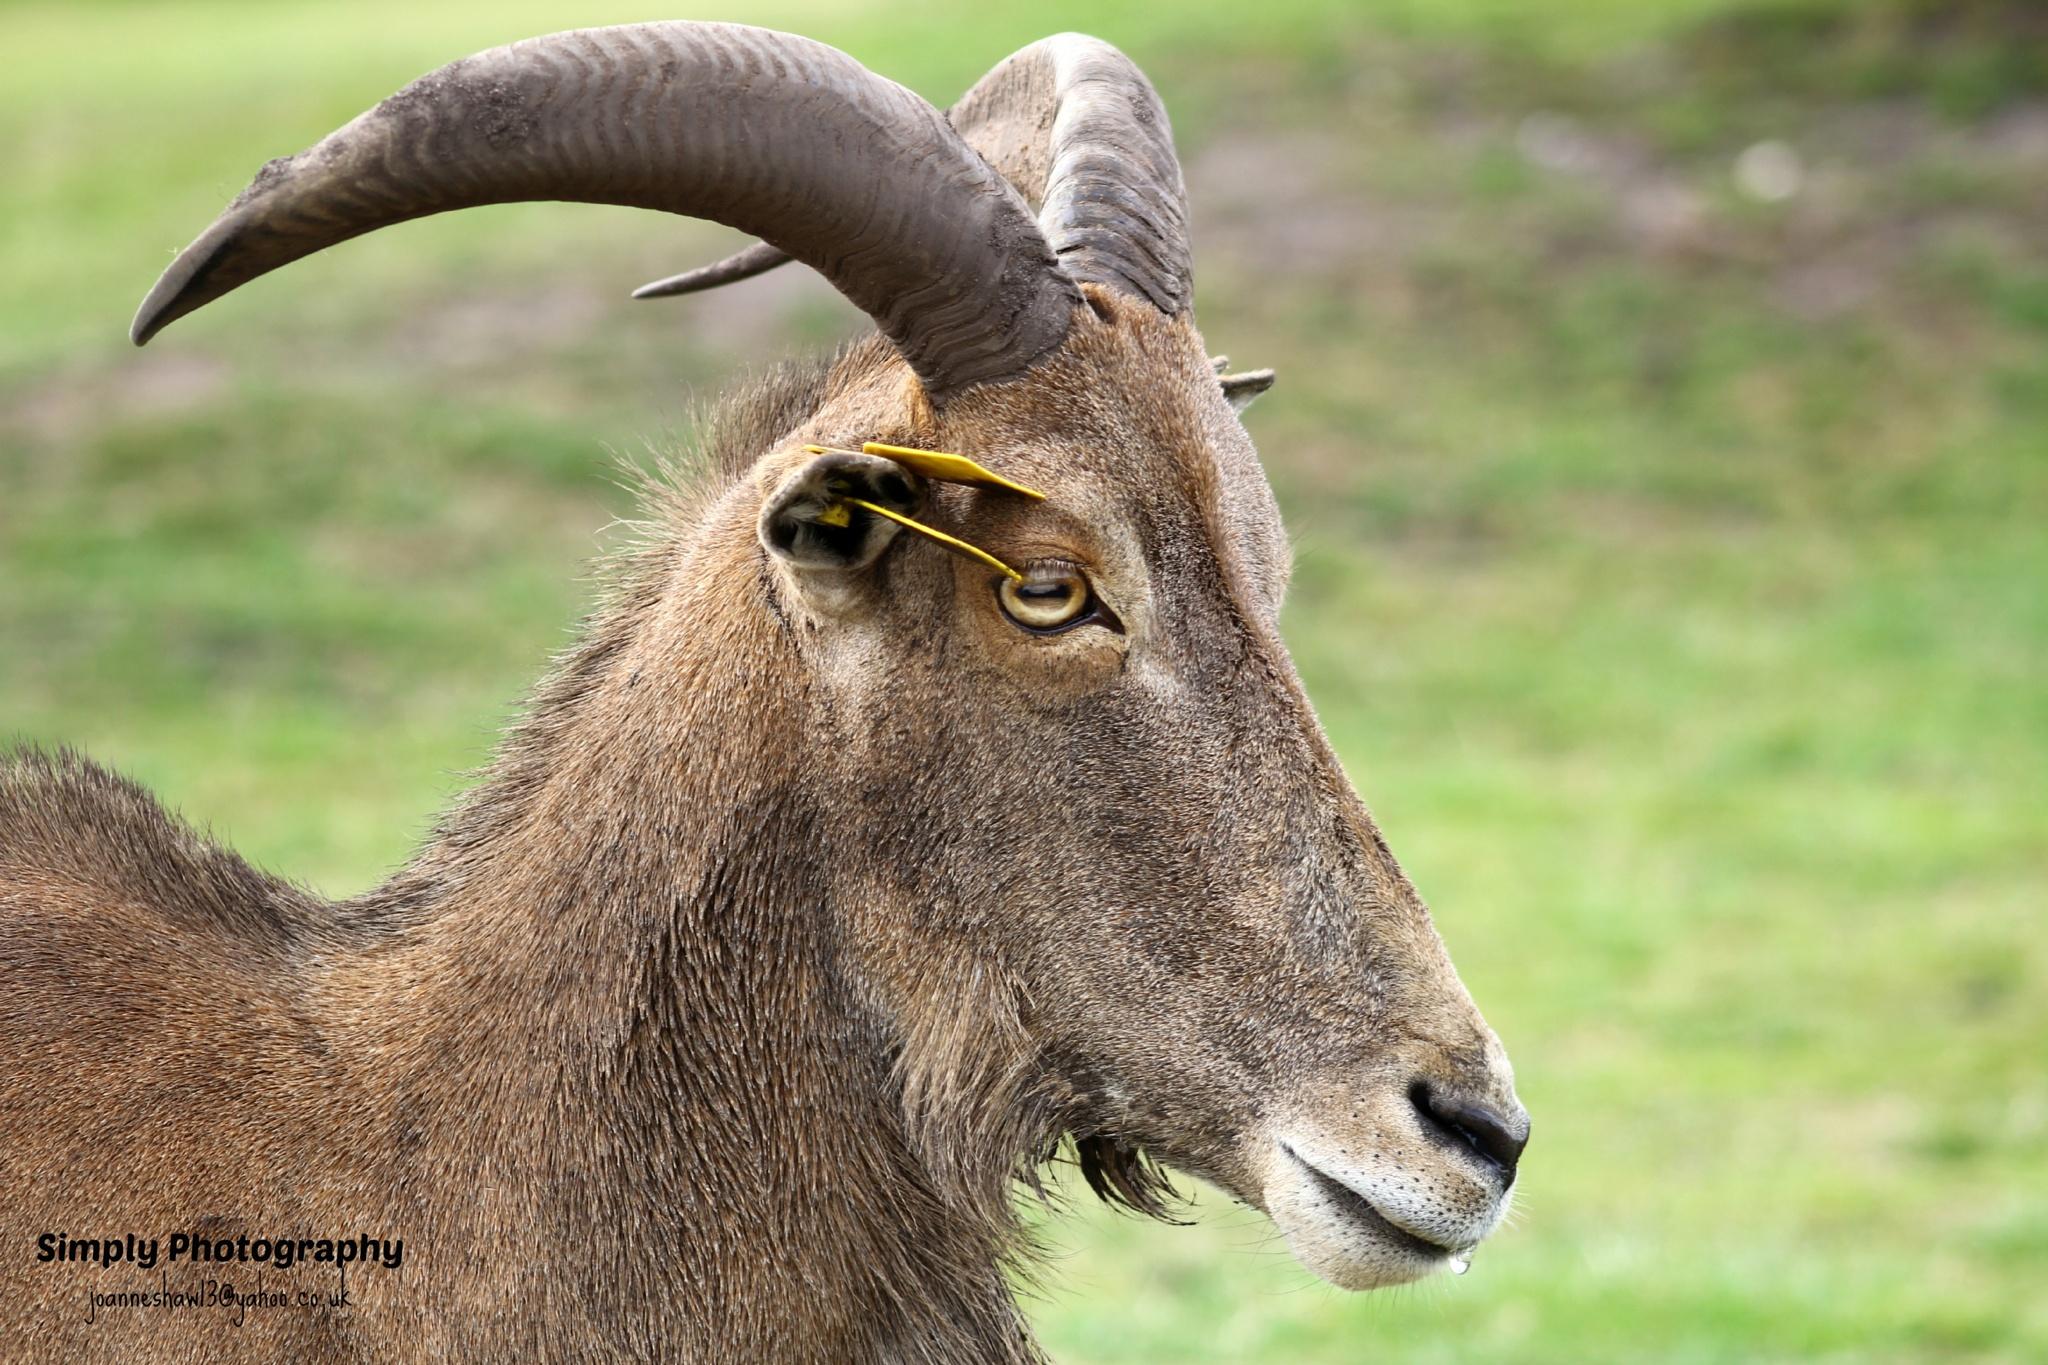 Goat by Joanne Laws